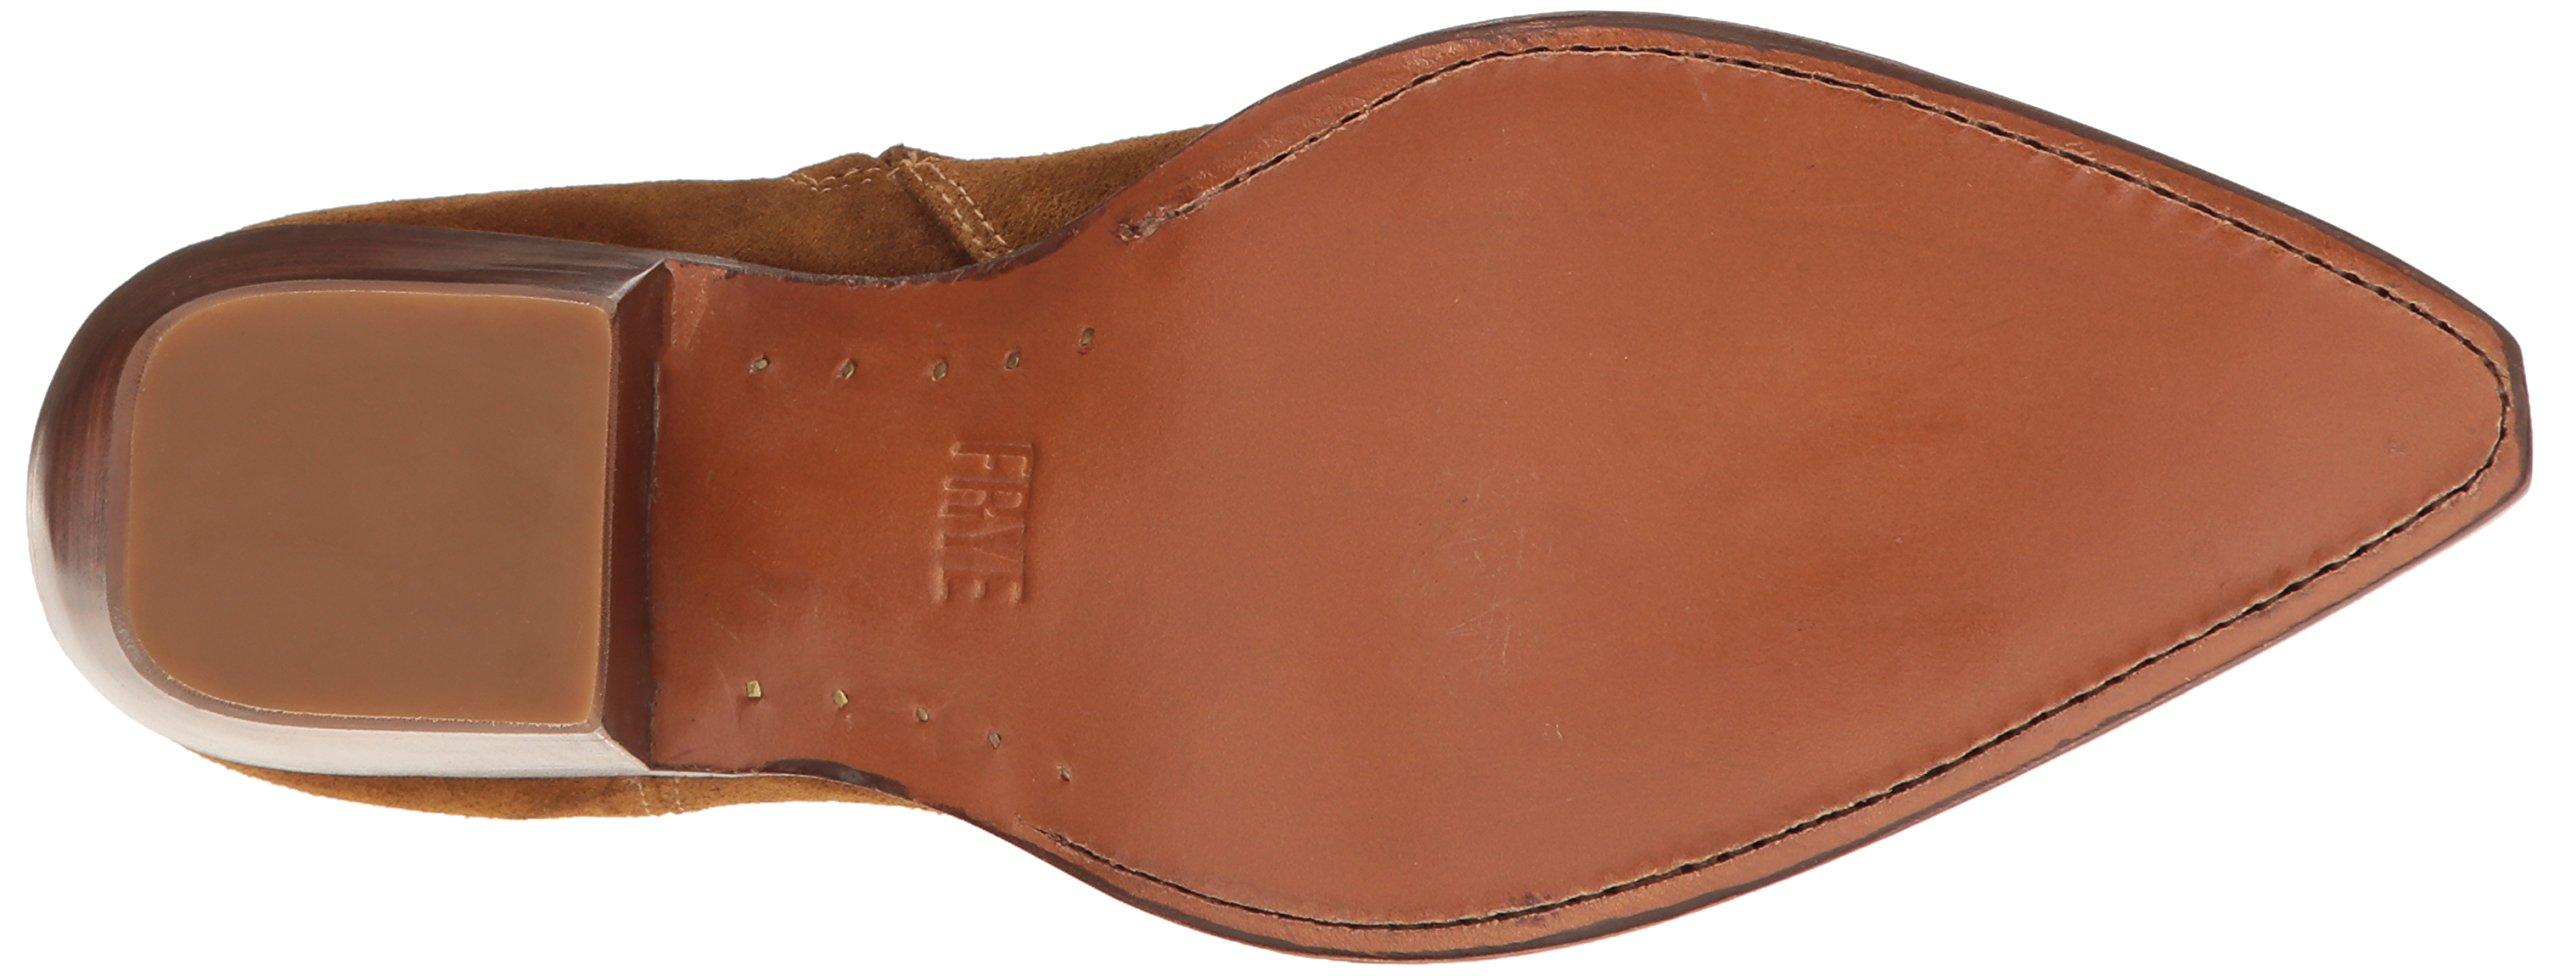 FRYE Women's Shane Tip Short Western Boot by FRYE (Image #3)